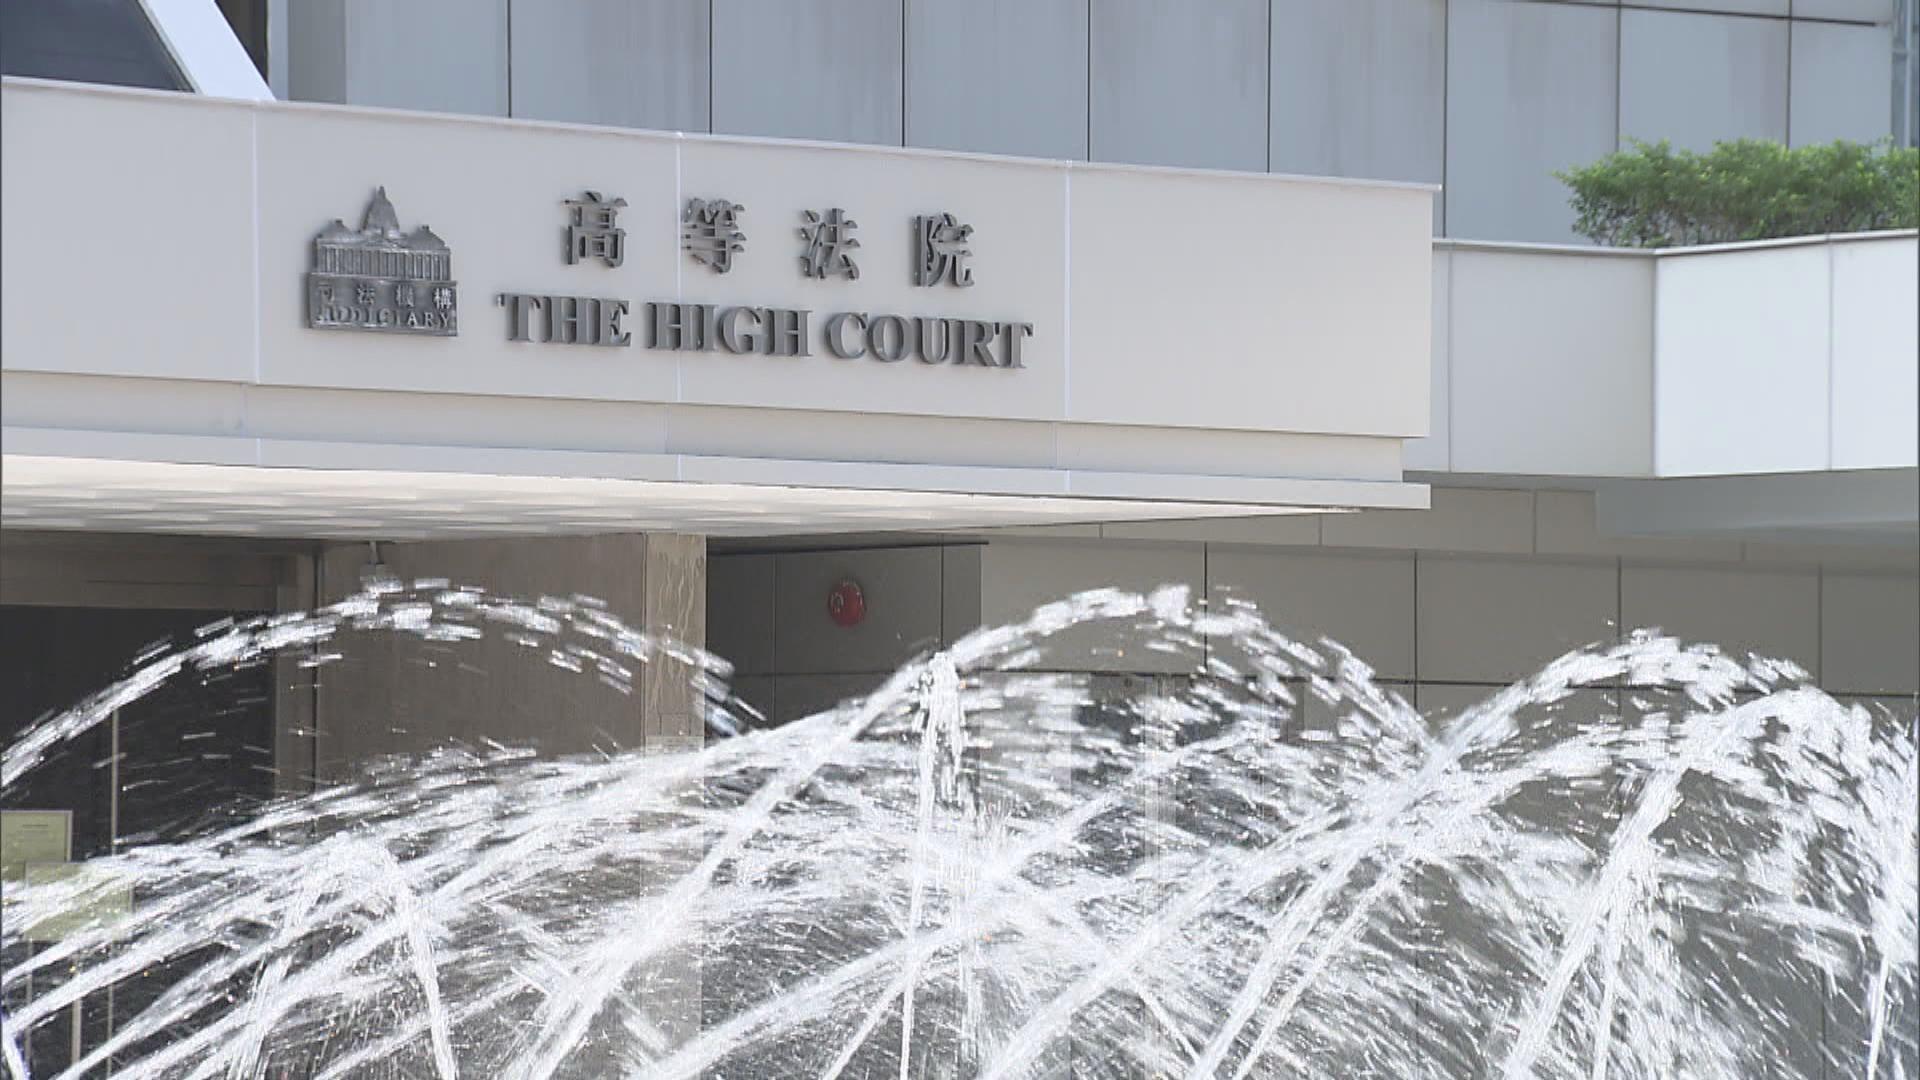 港鐵禁制令今到期 高院審理延期申請